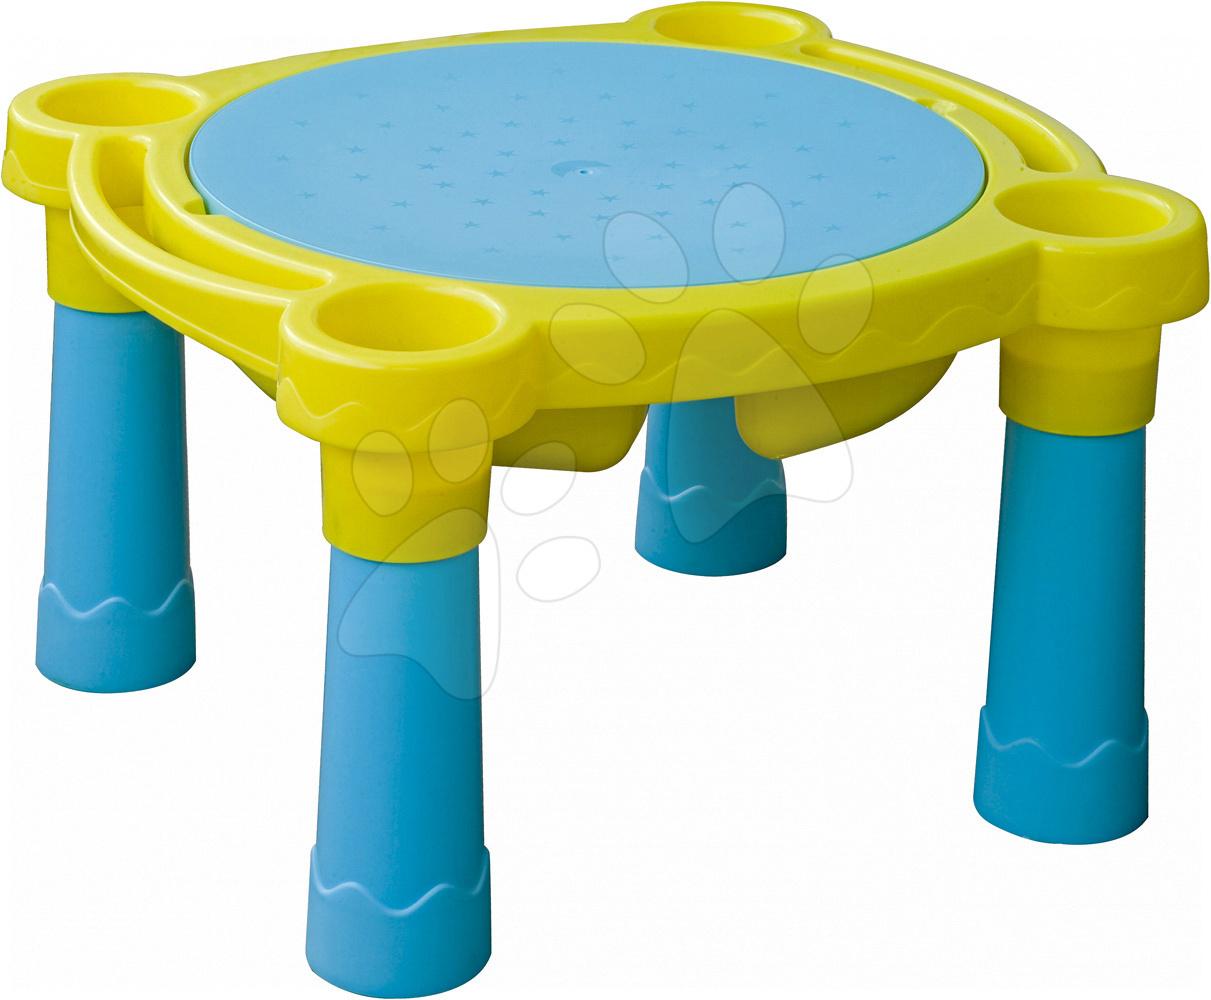 Stôl na hranie PalPlay s krytom žlto-modrý